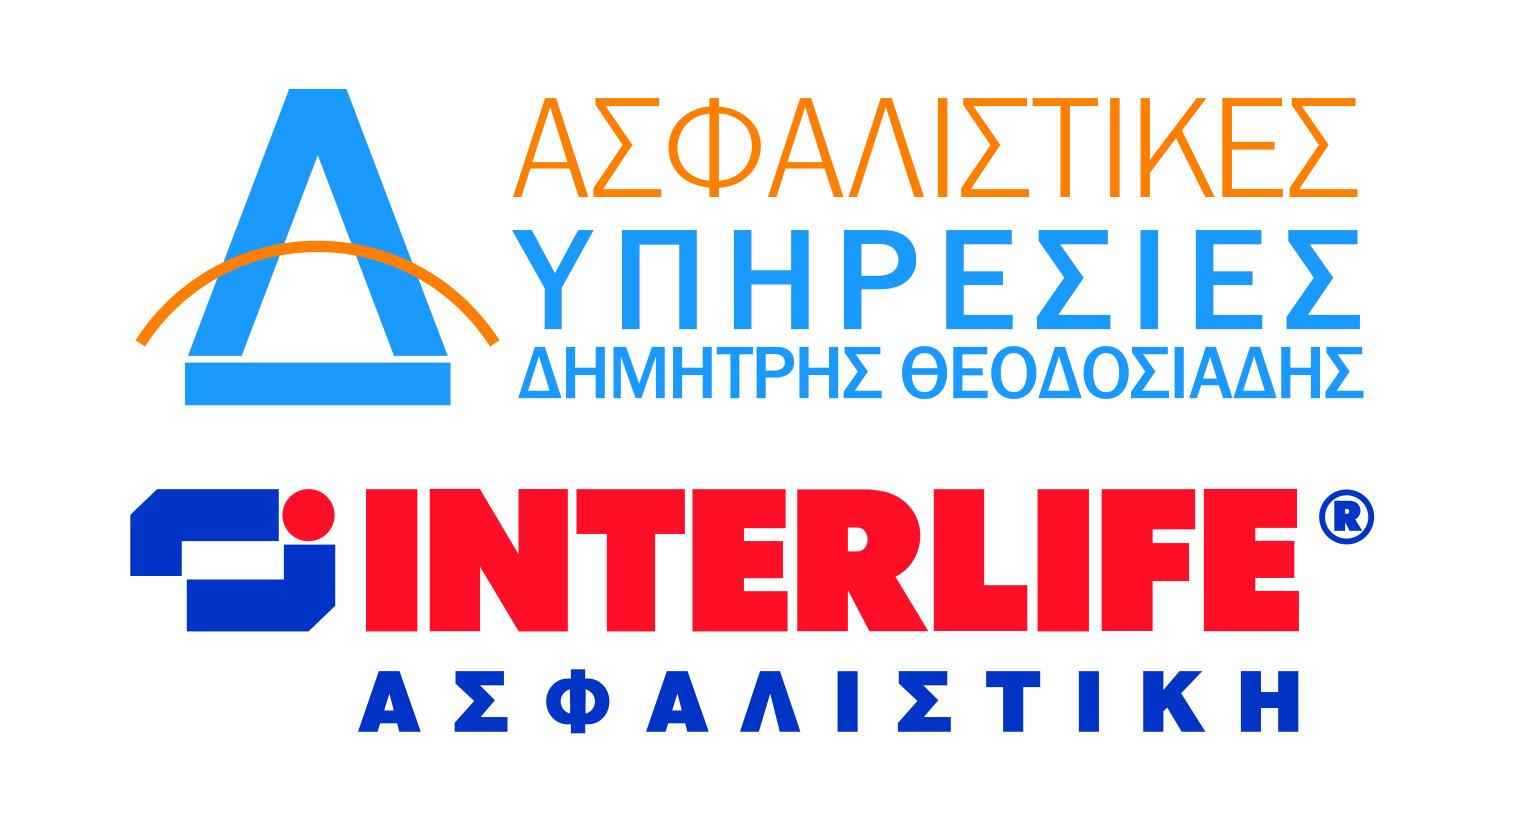 Ασφαλιστικες Υπηρεσιες Δημητρης Θεοδοσιαδης - Interlife Aσφαλιστικη